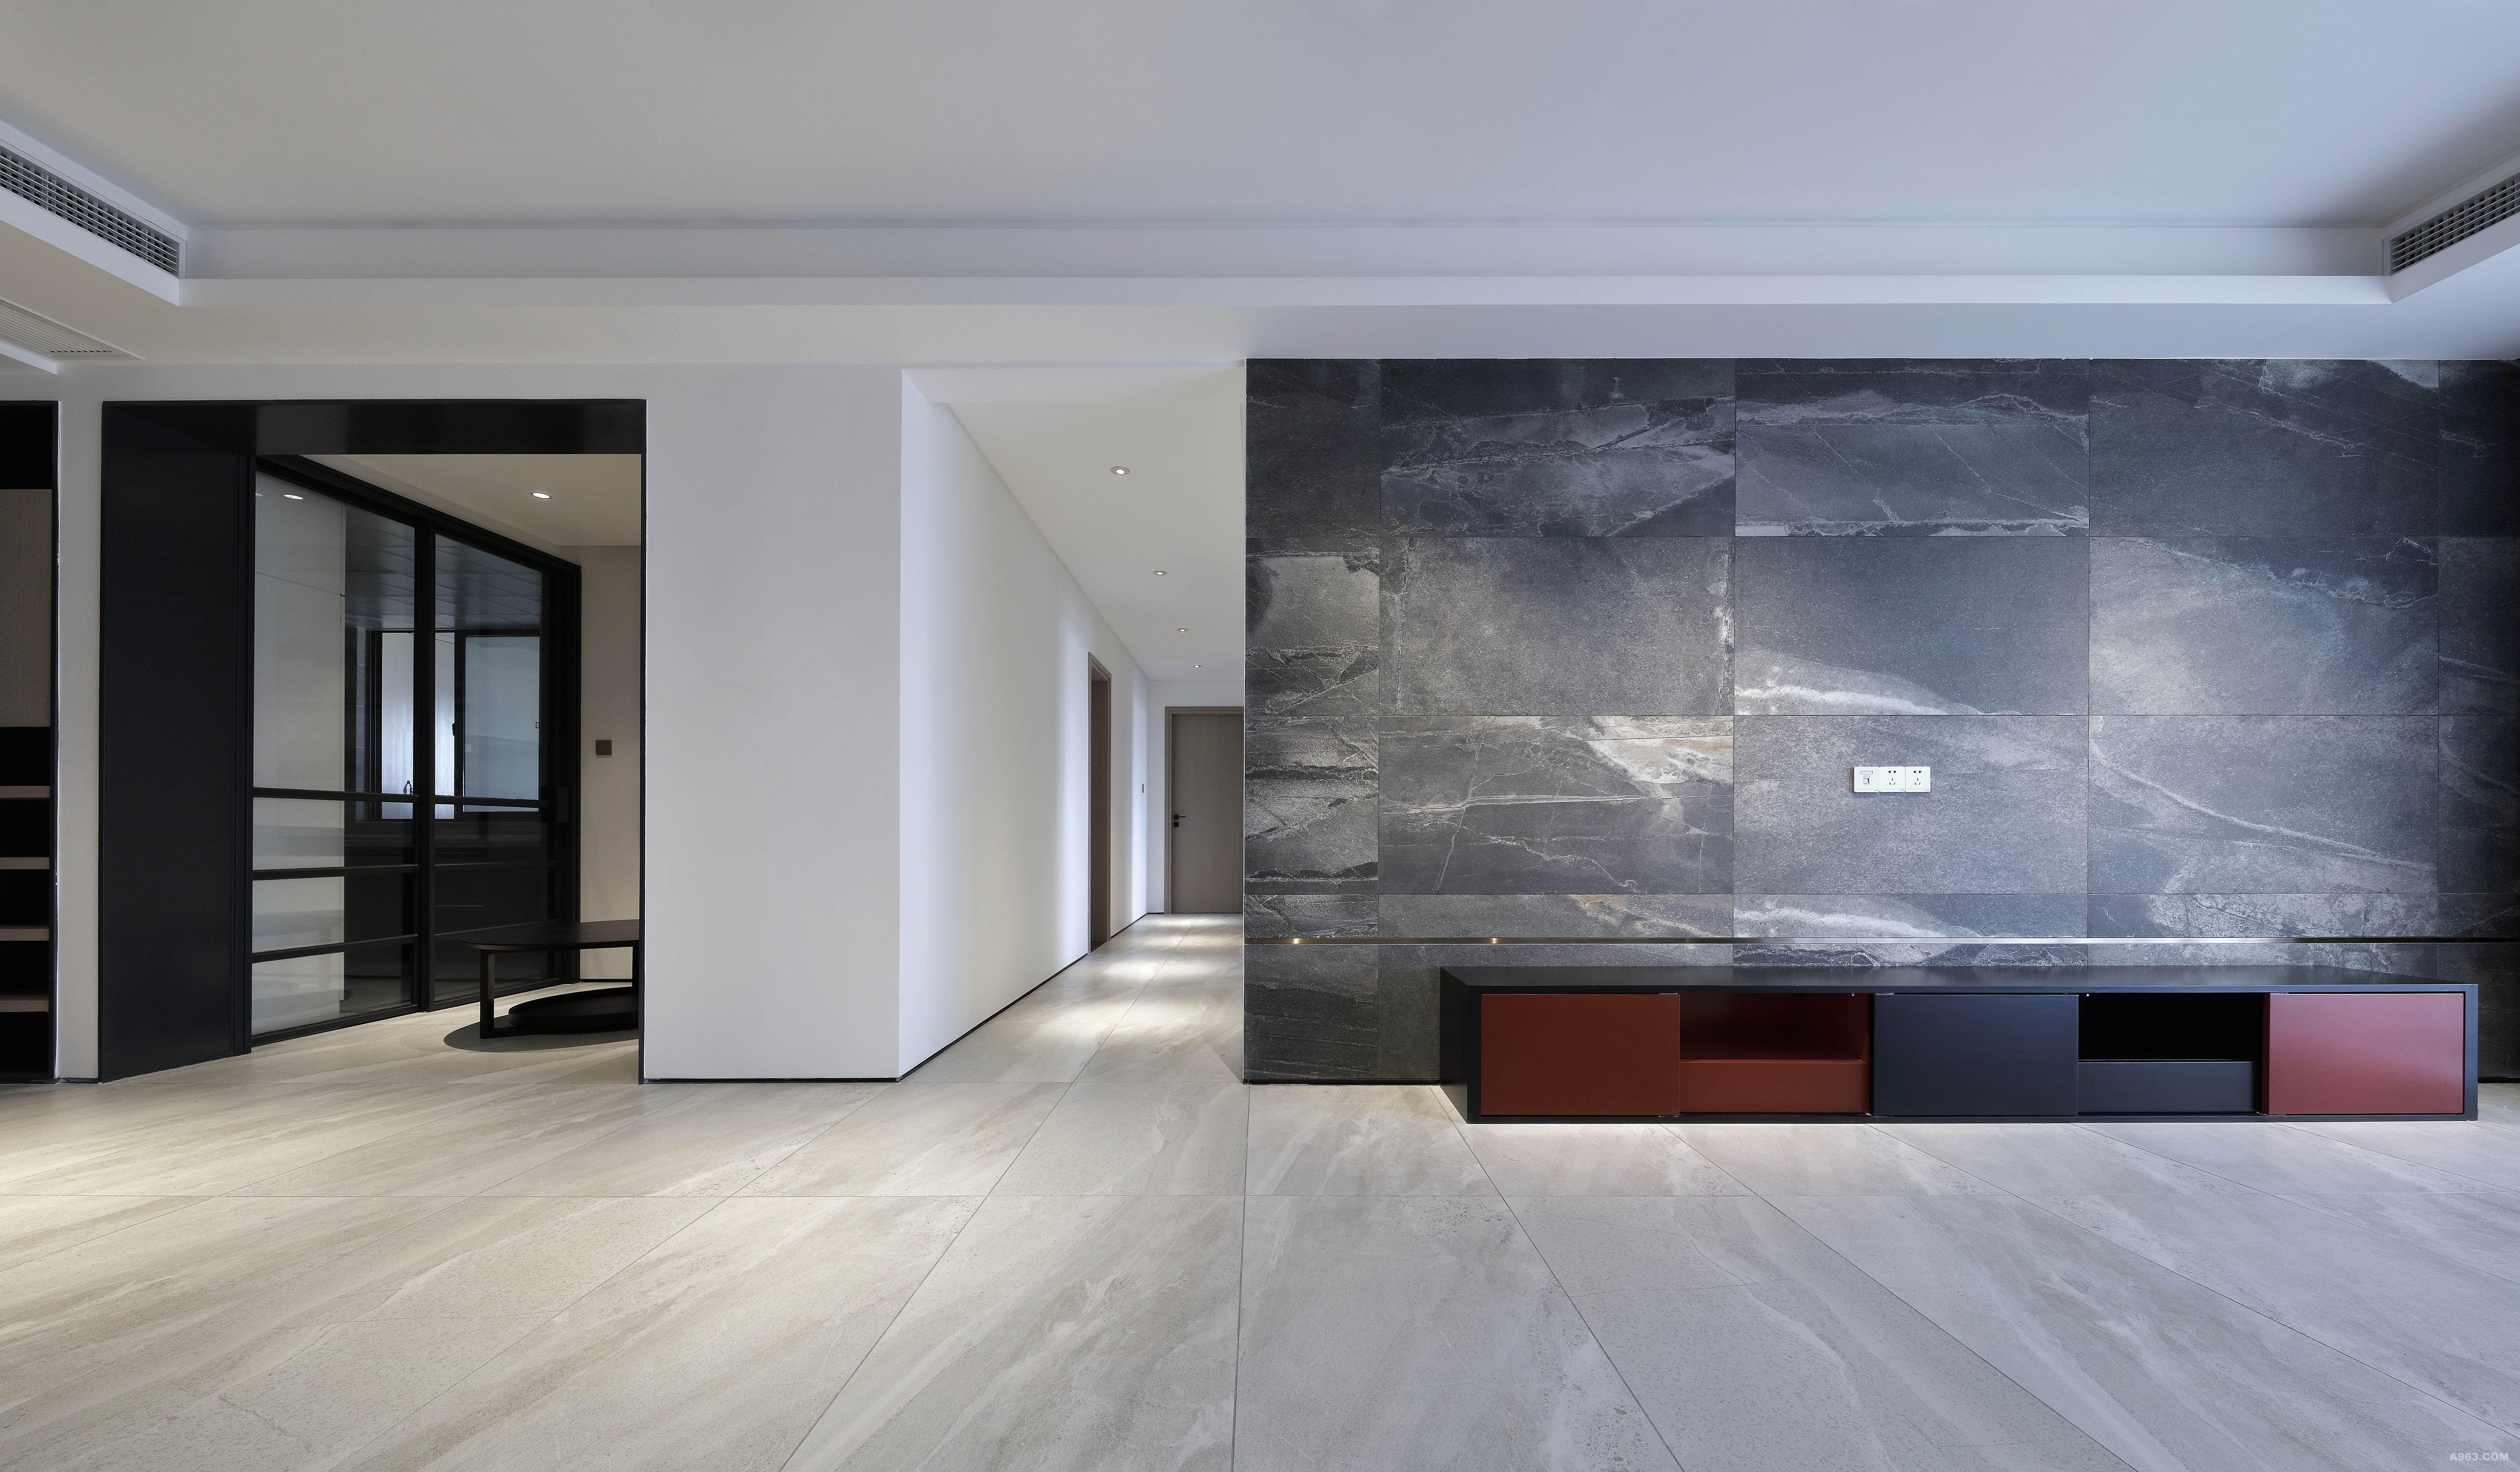 客厅 抽像有质感的材质配合窄边钛金拉丝面线条。为背景墙增加了细节。